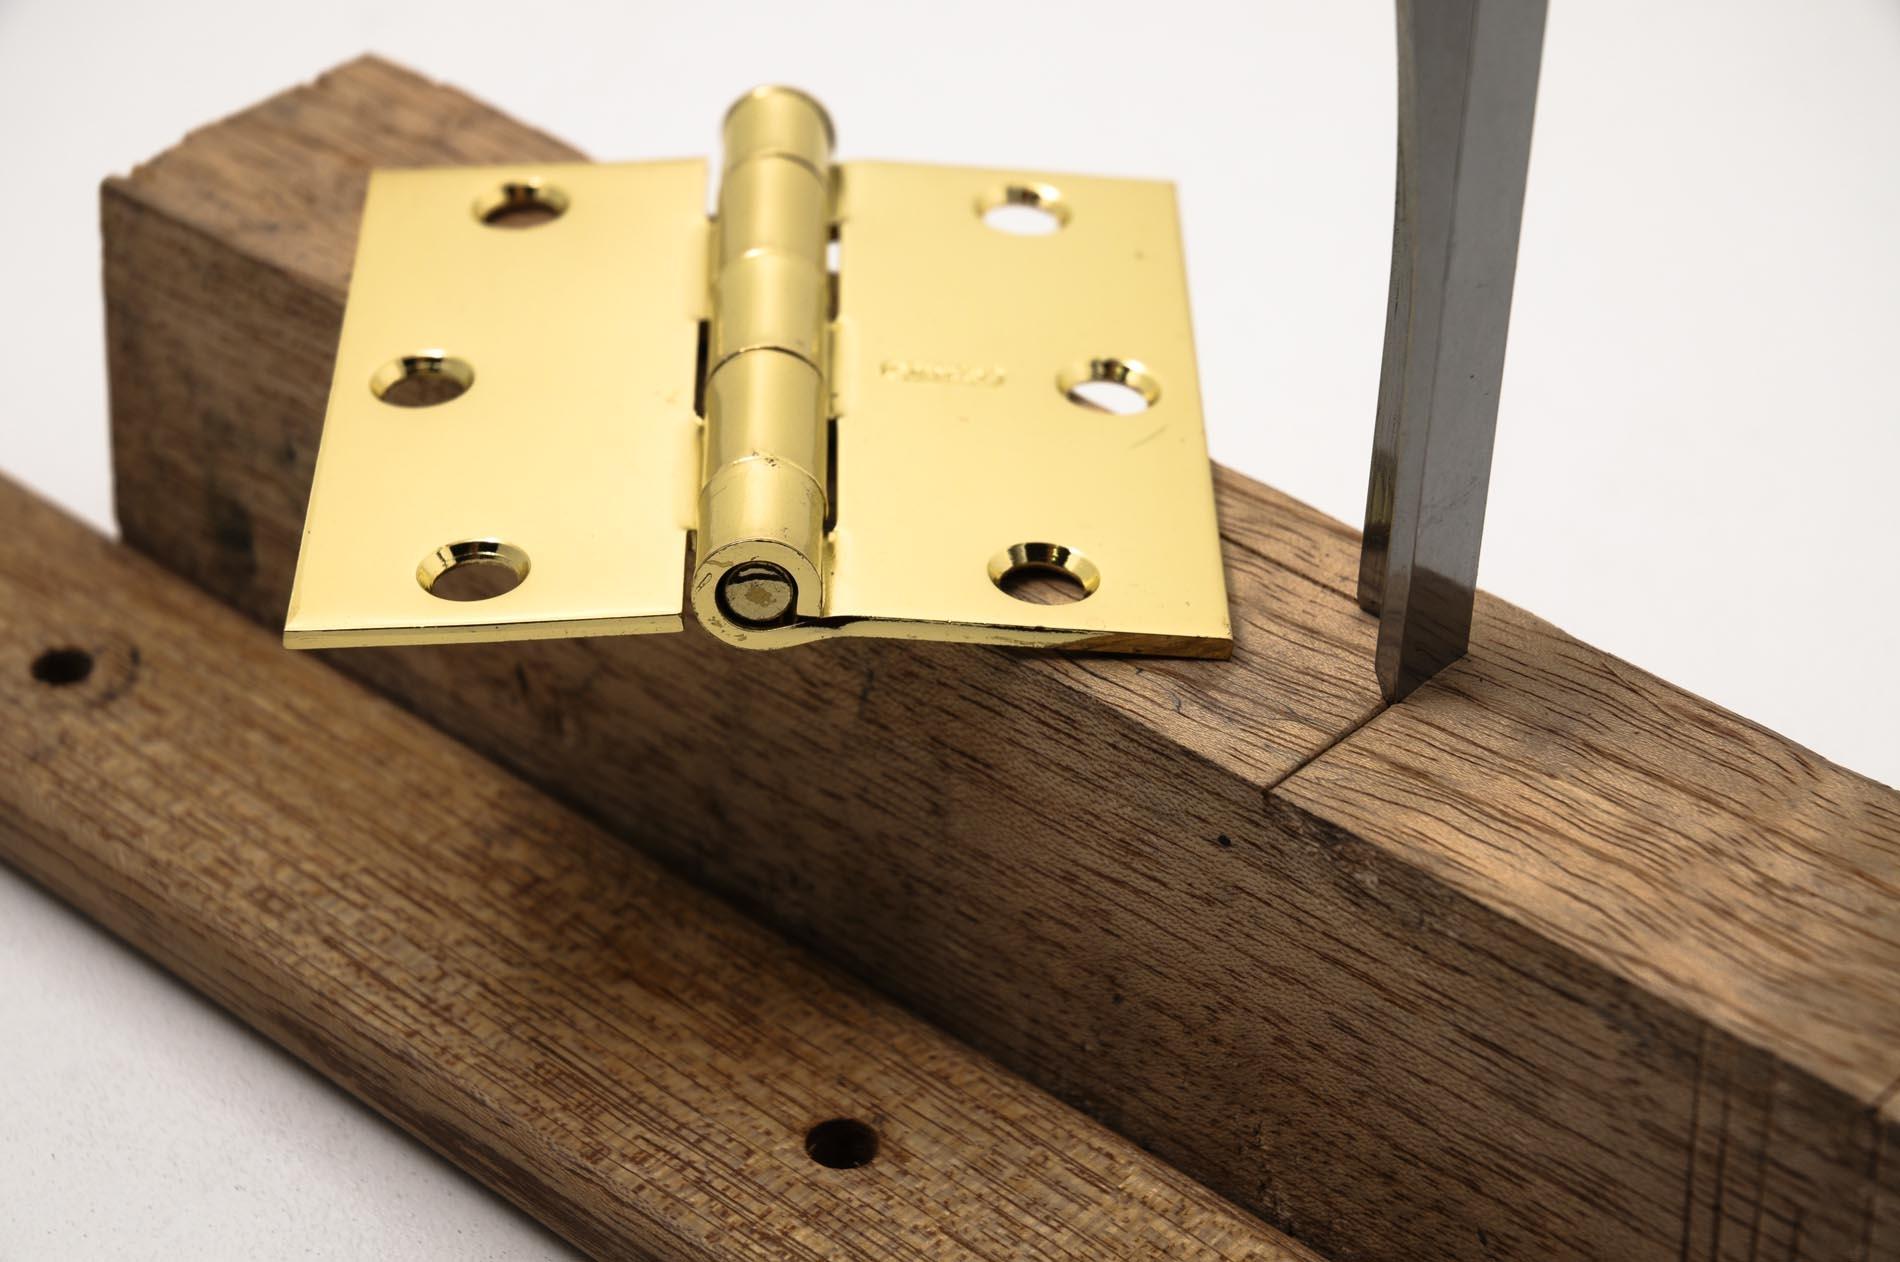 813410-Instalacion bisagras, chapas, formon 90° ancho 10mm Narex 813410-max-4.